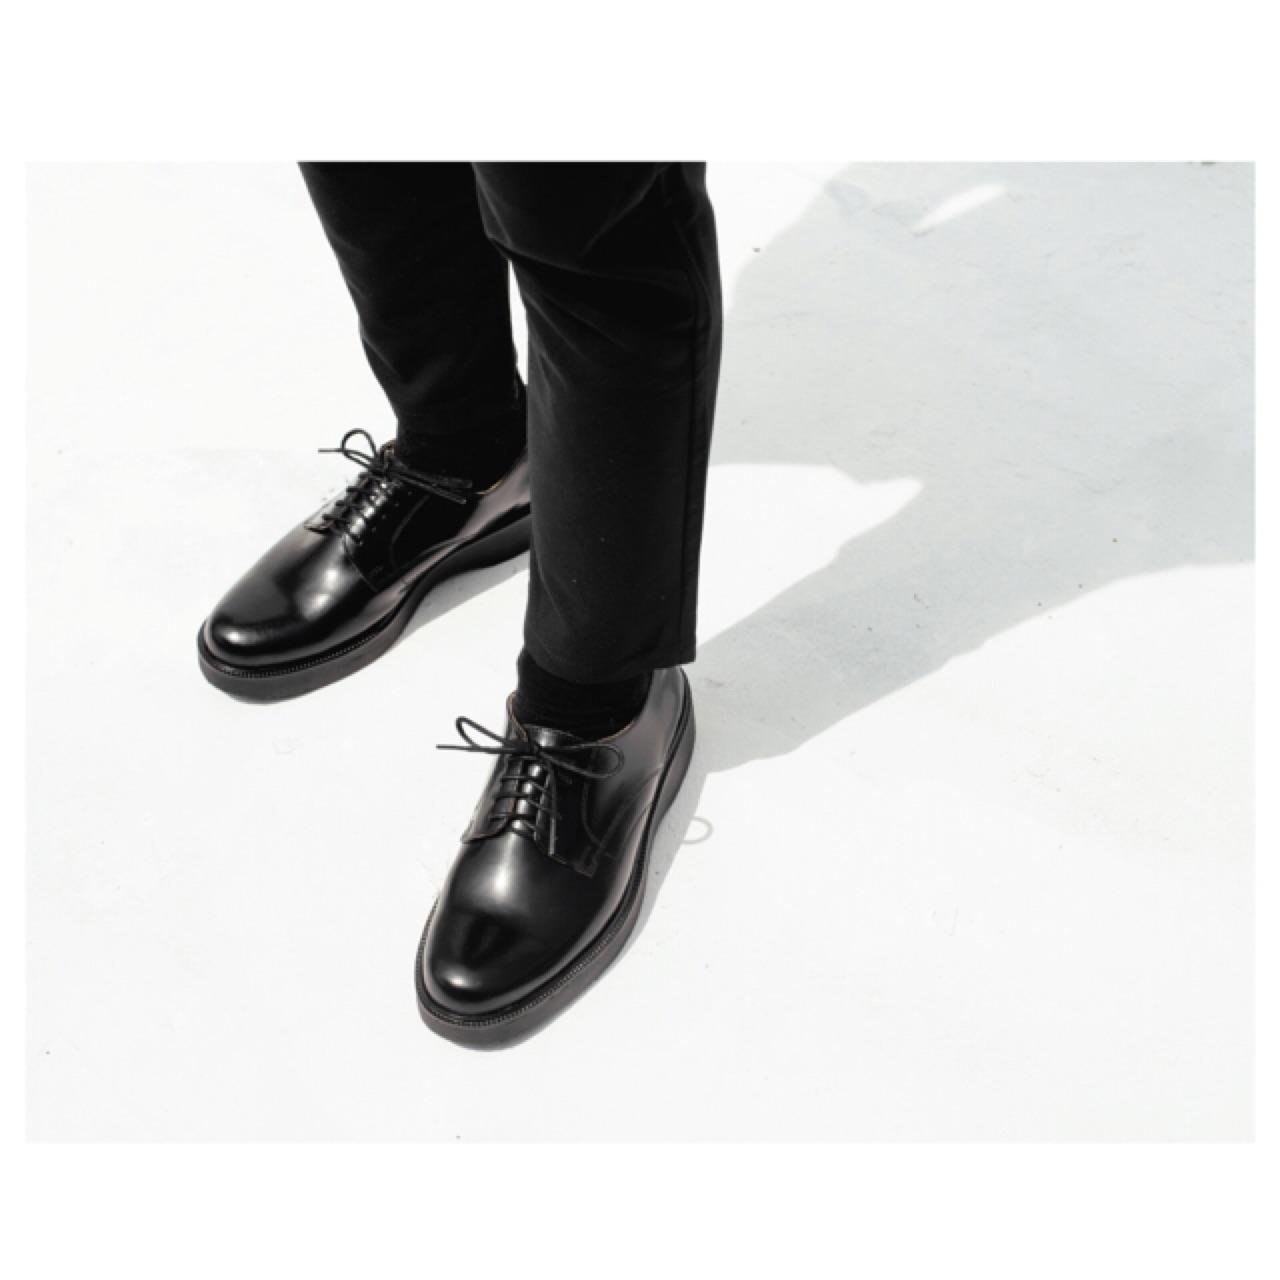 ผู้ชาย,men,รองเท้า,รองเท้าผู้ชาย,รองเท้าหุ้มส้น,รองเท้าหนัง,รองเท้าหนังสีดำ